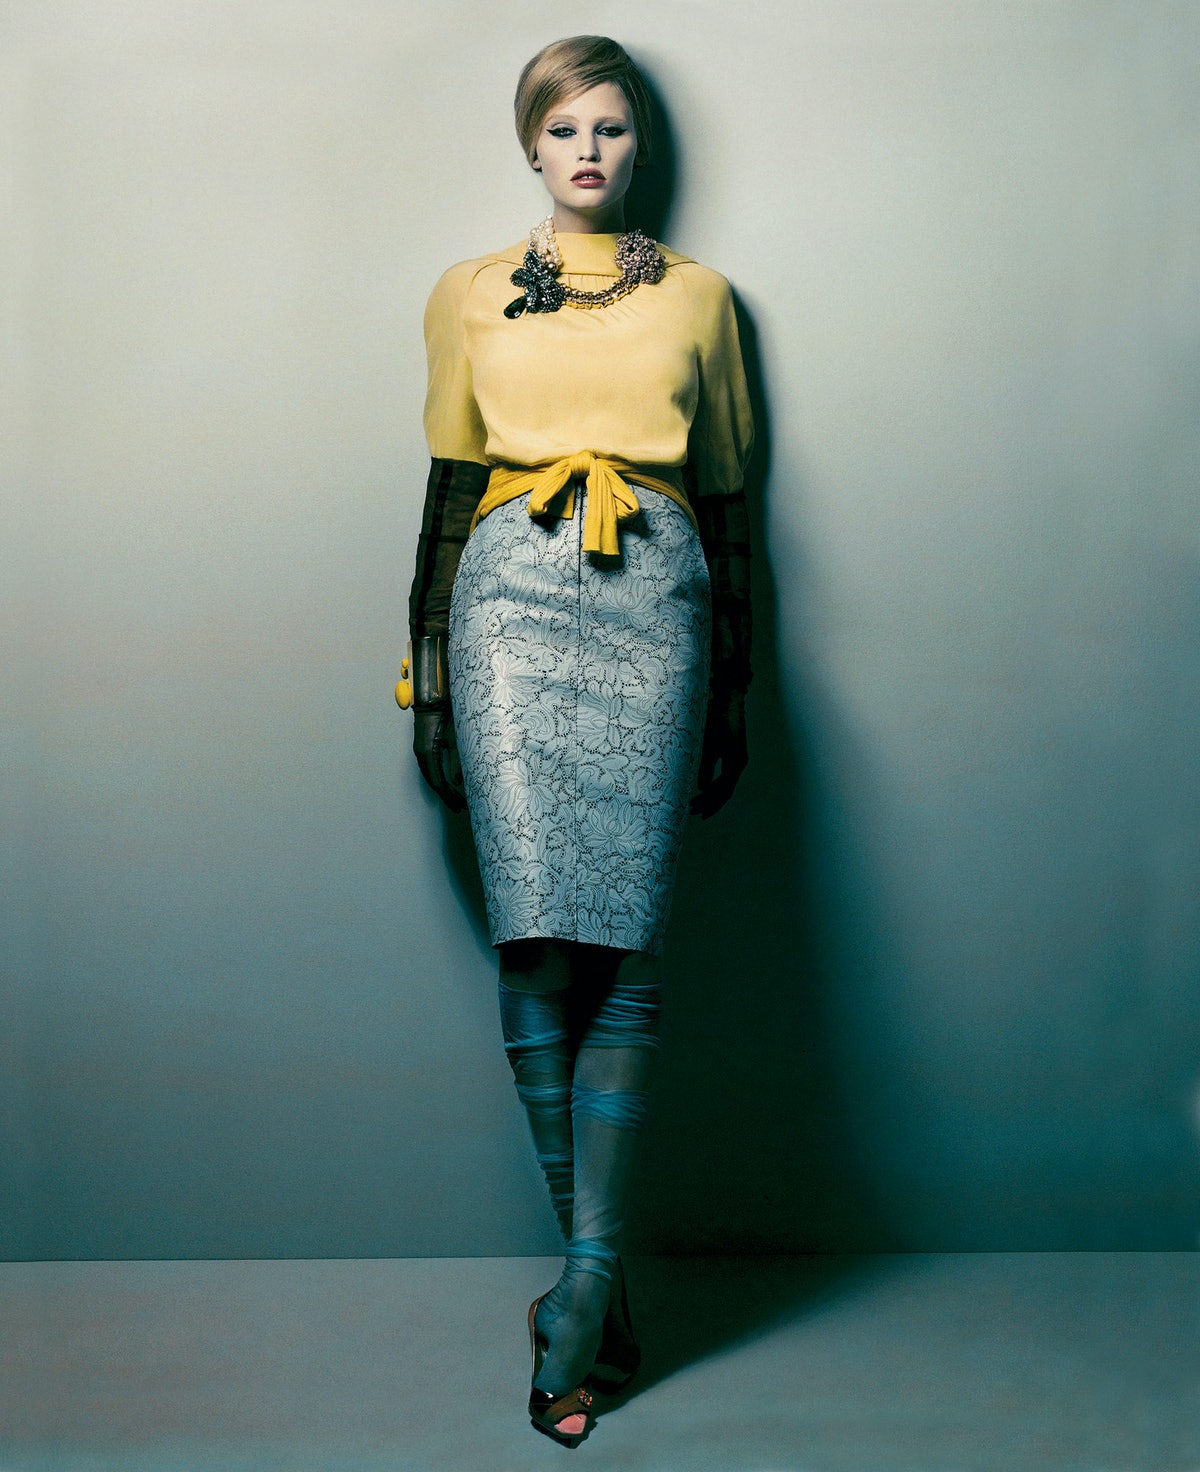 Colorful Fall Fashion 2015